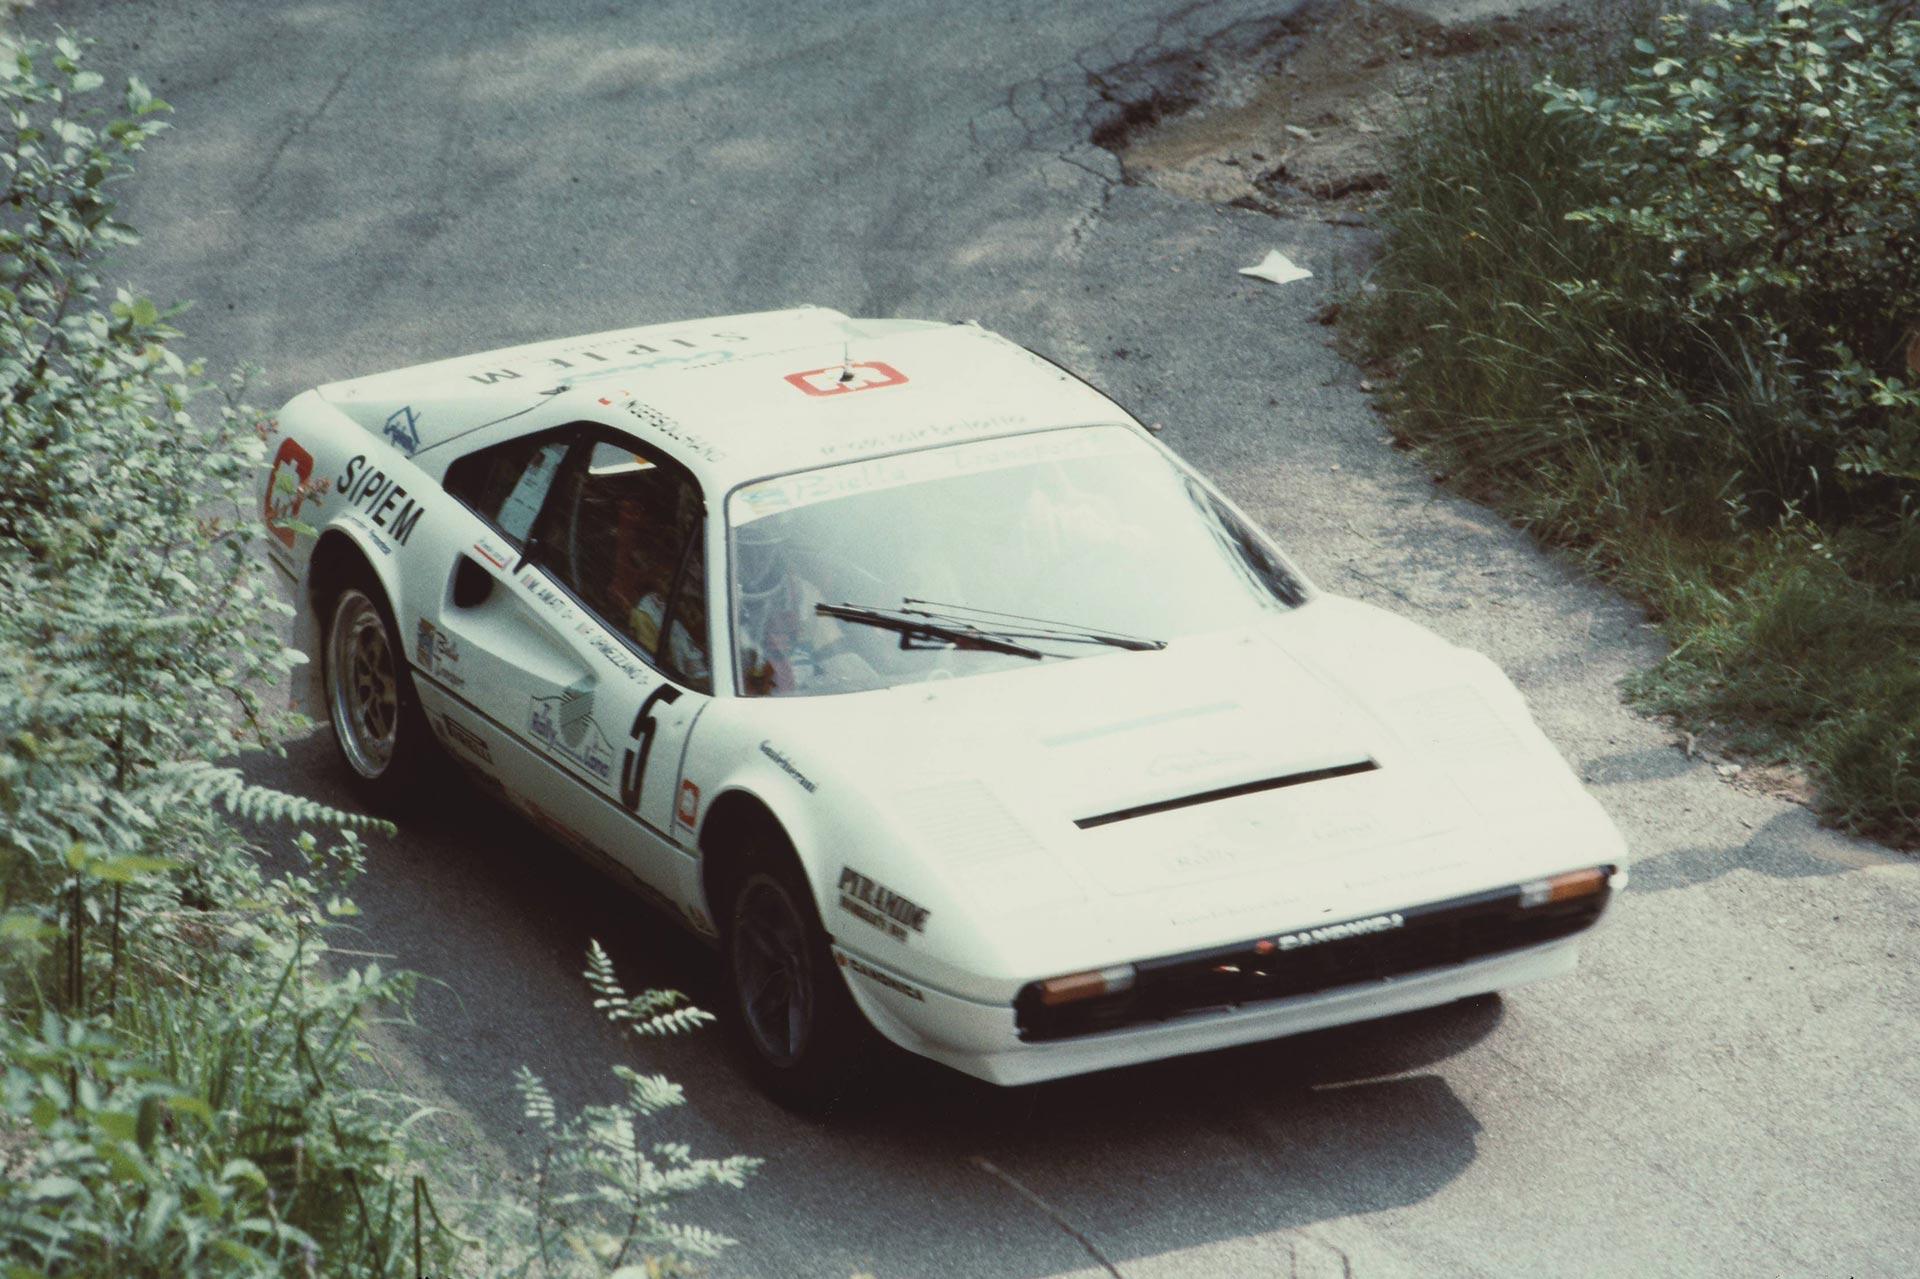 Ferrari-308-GTB-Michelotto-Group-B-for-sale-25